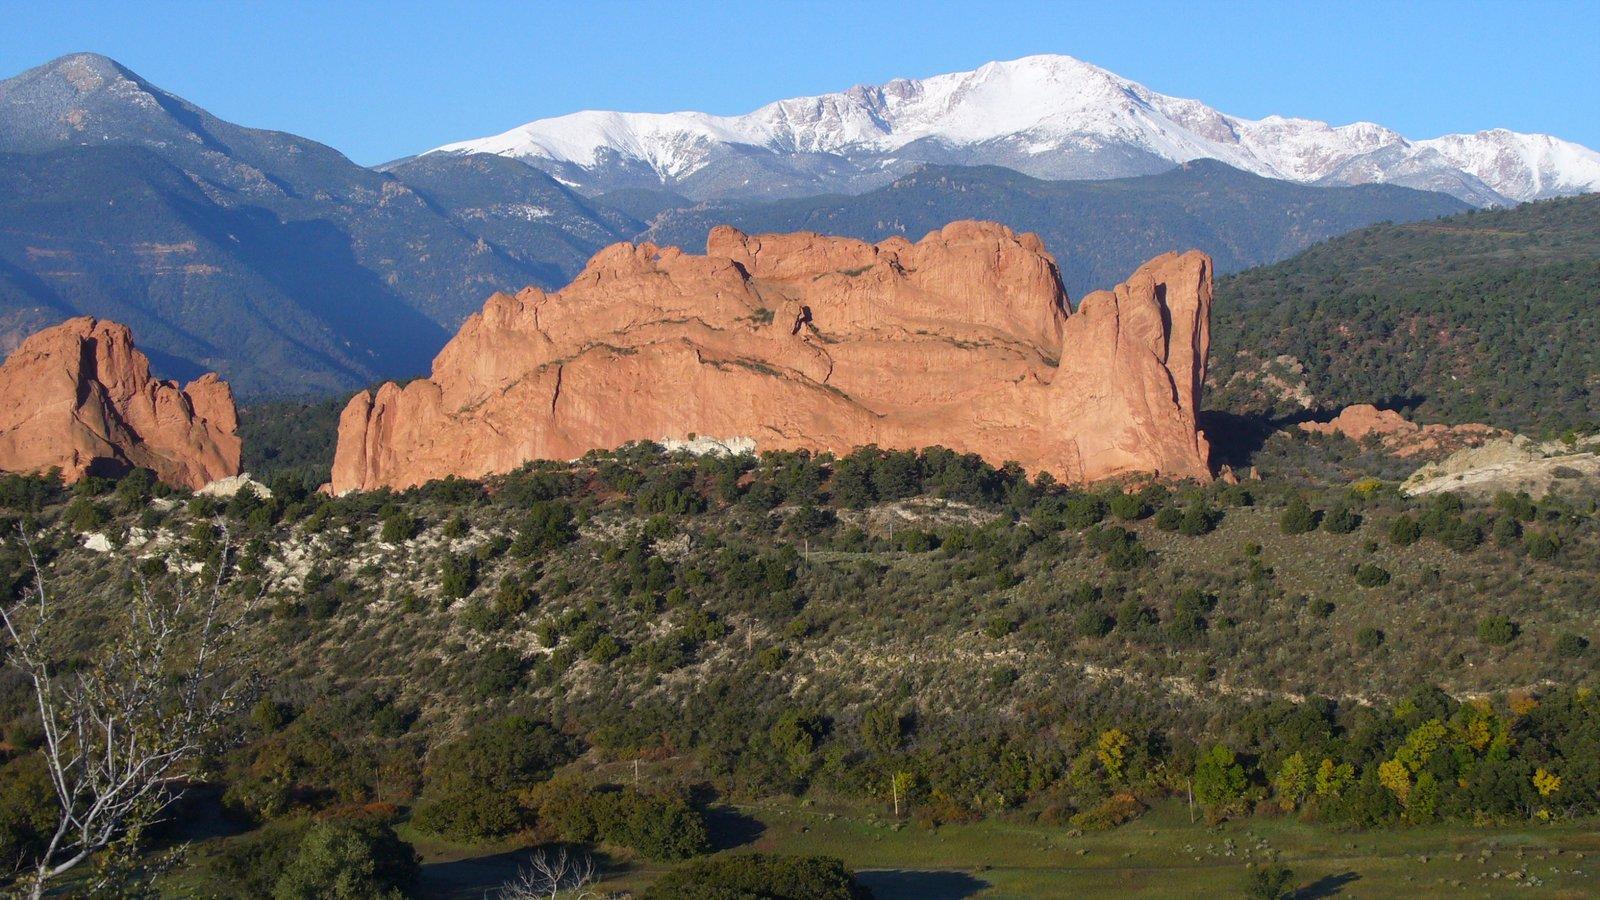 Colorado Springs caracterizando montanhas e paisagem